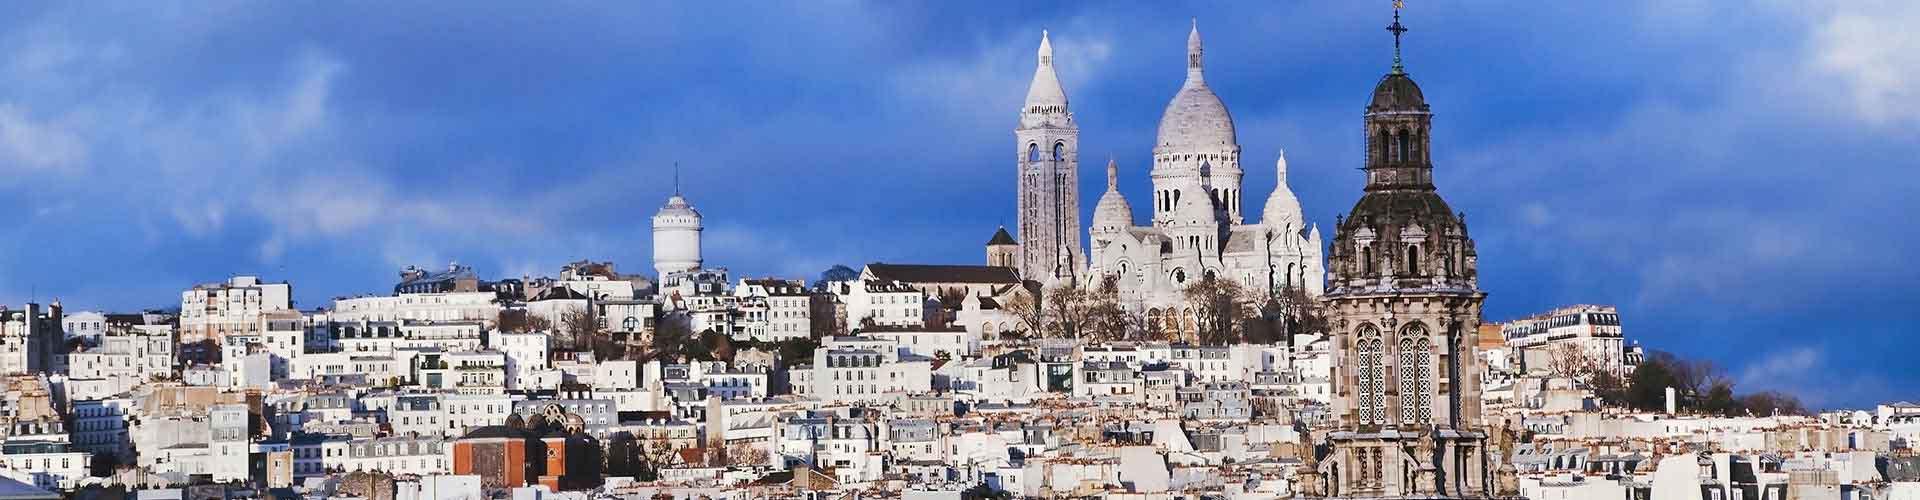 Paříž - Hostelů ve čtvrti Montmartre. Mapy pro Paříž, fotky a recenze pro každý hostel v Paříž.